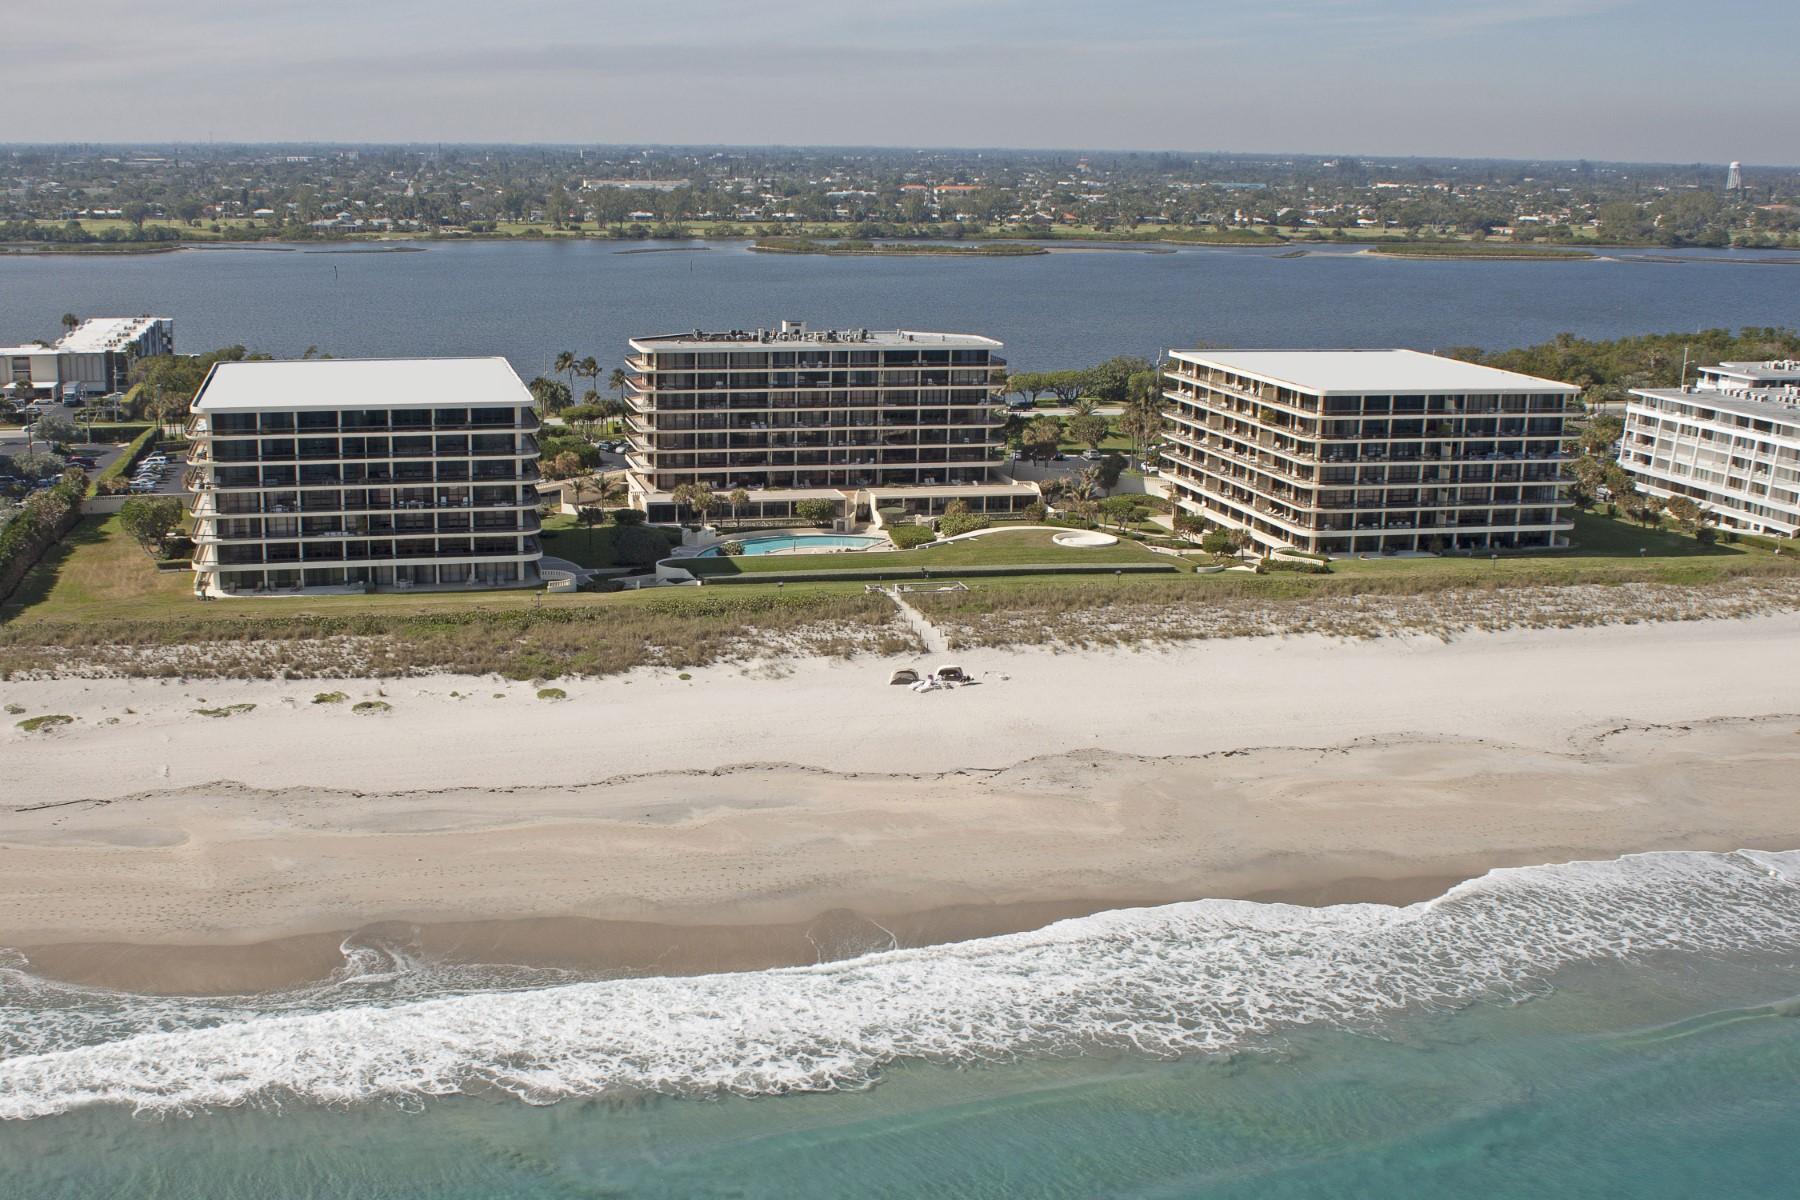 共管式独立产权公寓 为 销售 在 Oceanfront Condo with Tennis 2660 S Ocean Blvd 305 S Palm Beach, 佛罗里达州 33480 美国